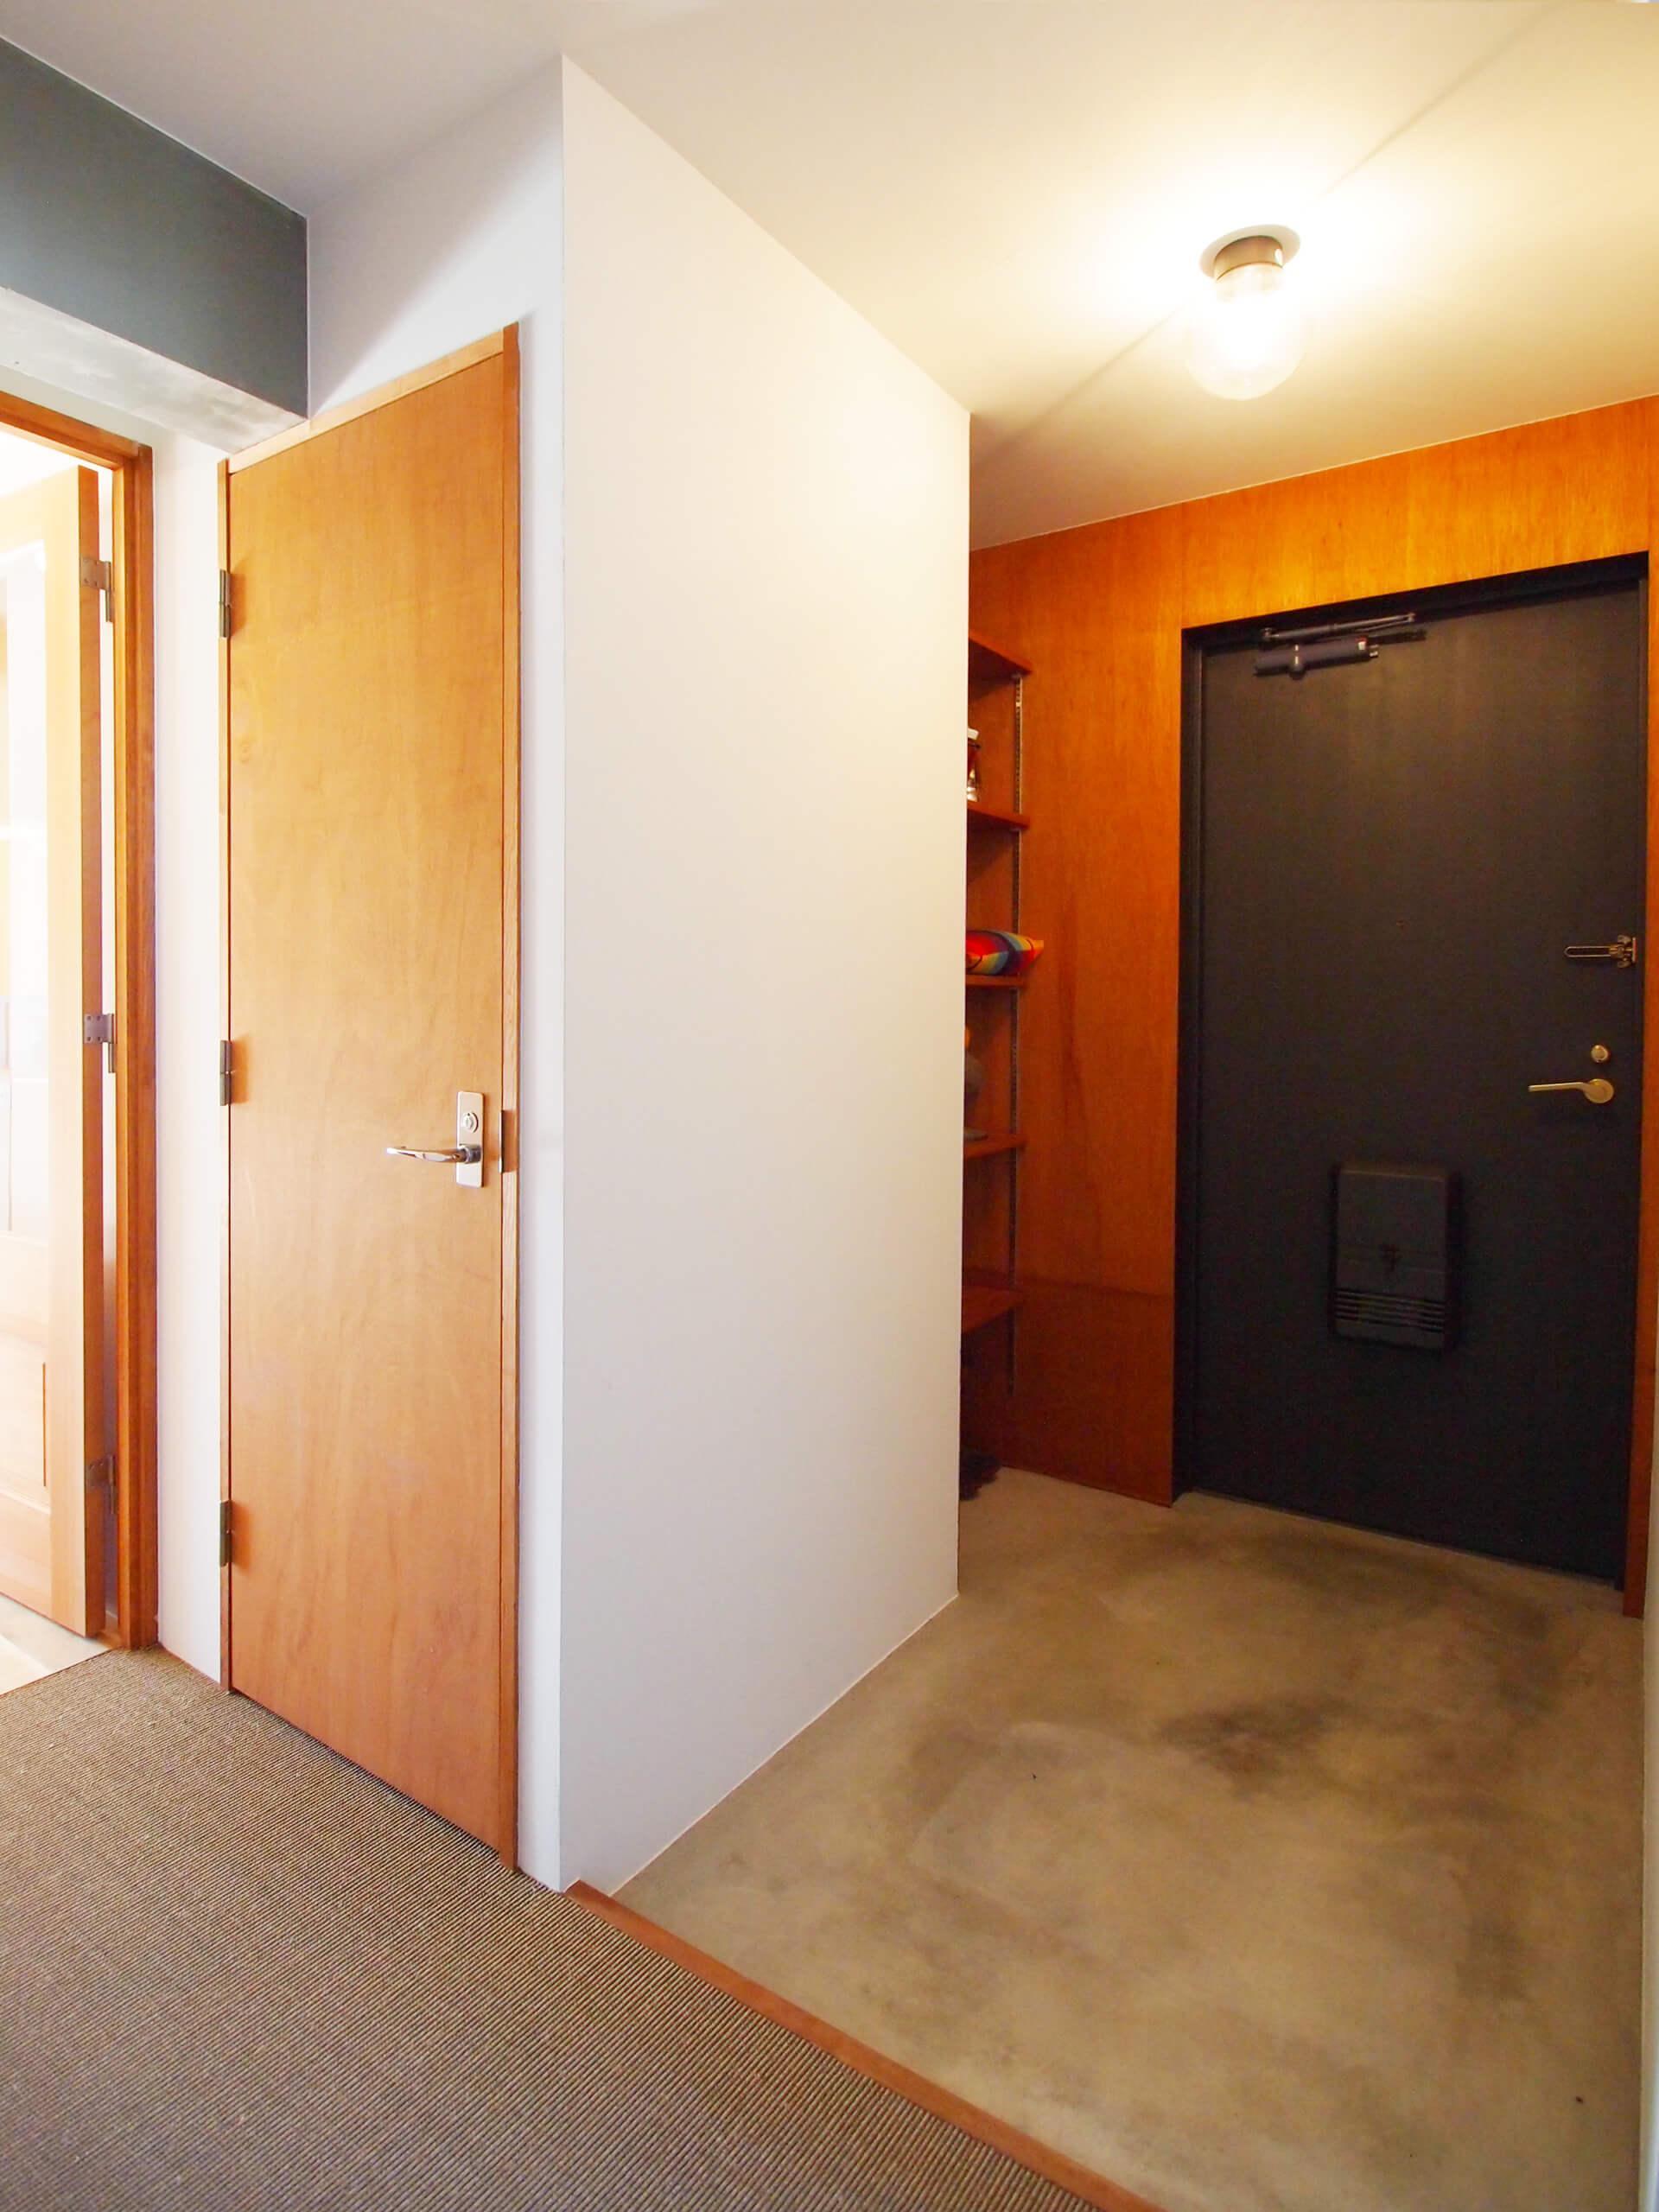 大きめの玄関。ベビーカーもそのまま入れられそう